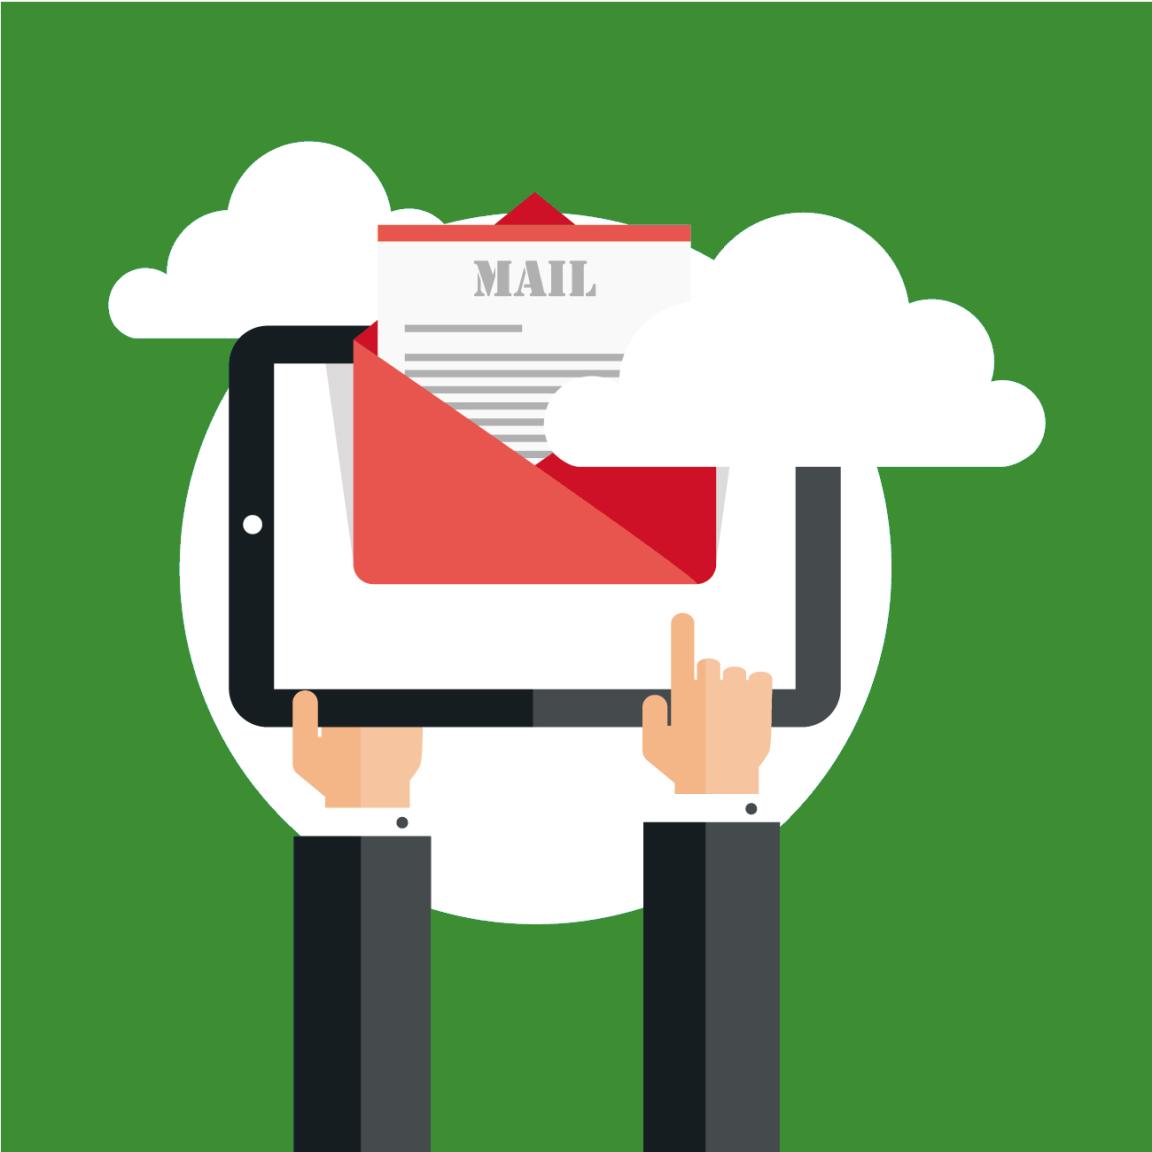 Comment enregistrer une adresse email dans son carnet d'adresses électroniques ?